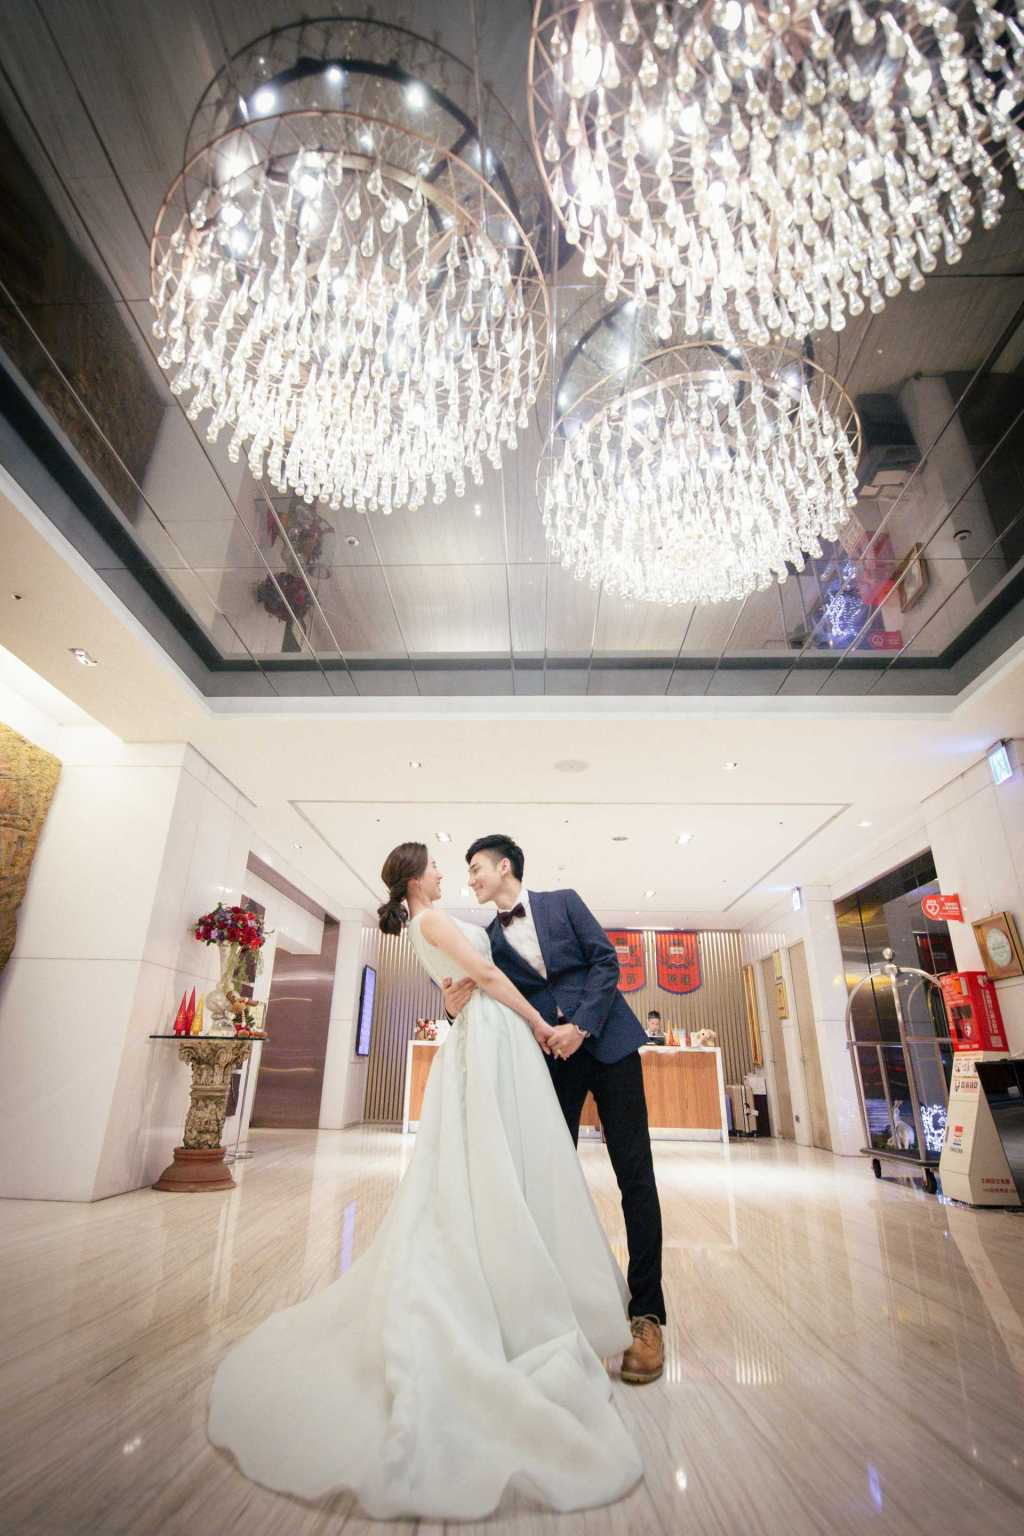 婚禮攝影 _ 幸福婚攝 : 婚禮攝影,婚攝,婚禮攝影師,婚禮攝影ptt,婚攝ptt